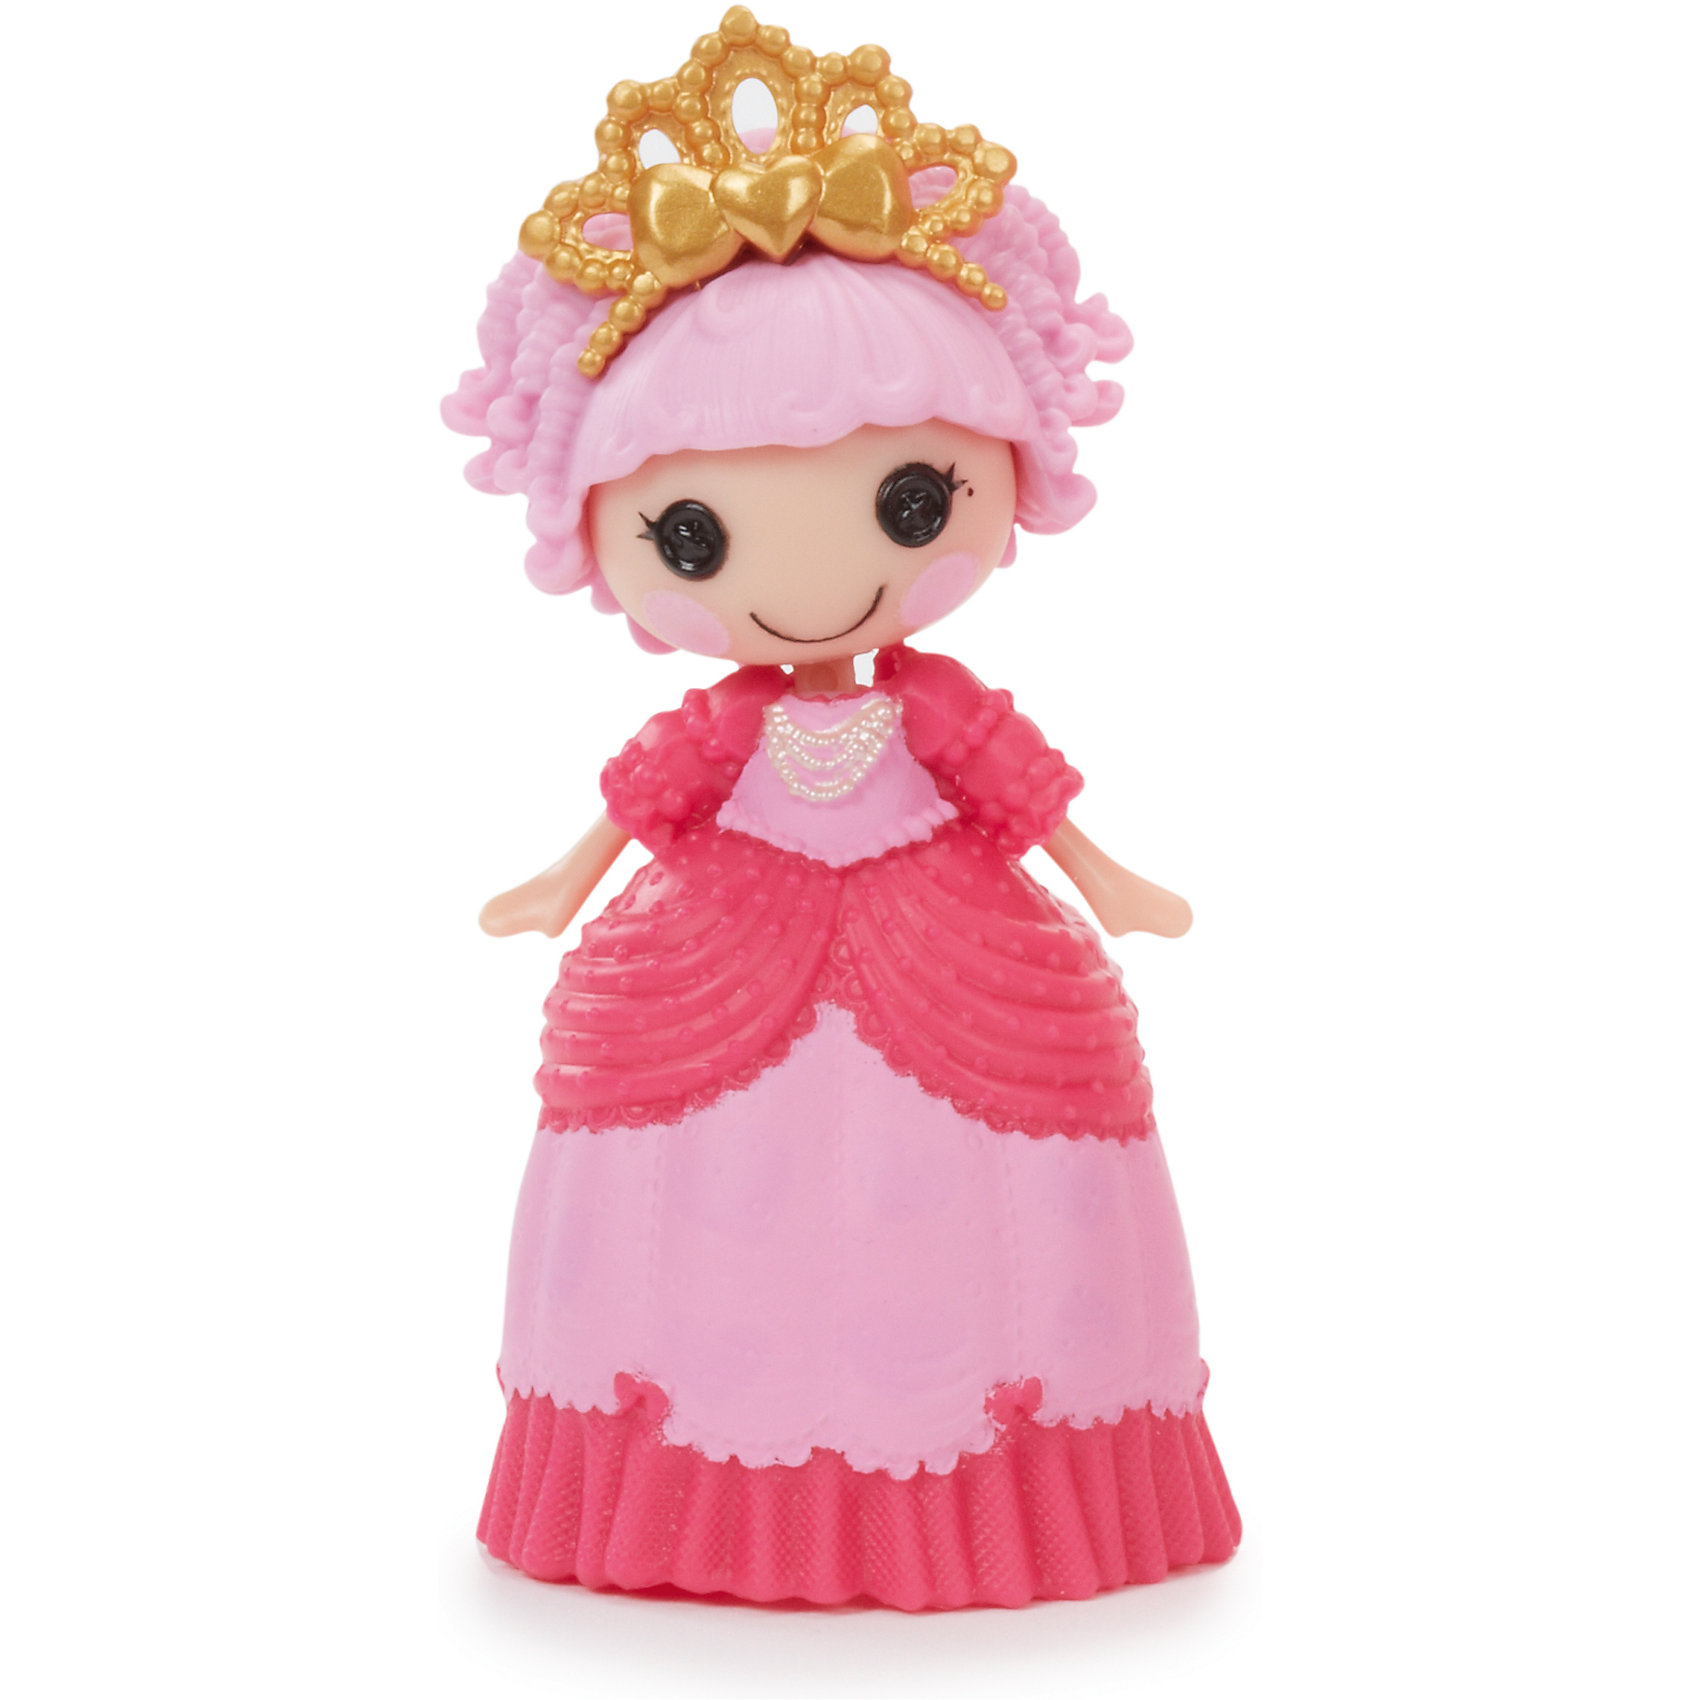 Кукла Сокровище, Мини-ЛалалупсиХарактеристики товара:<br><br>- цвет: разноцветный;<br>- материал: пластик;<br>- подвижные части тела;<br>- комплектация: кукла, аксессуары;<br>- размер упаковки: 18х14х4 см.<br>- размер куклы: 7,5 см.<br><br>Эти симпатичные куклы Мини-Лалалупси от известного бренда не оставят девочку равнодушной! Какая девочка сможет отказаться поиграть с куклами, которых можно переодевать и менять им прически благодаря набору аксессуаров?! В комплект входят наряды, аксессуары, обувь и парики. Игрушка очень качественно выполнена, поэтому она станет замечательным подарком ребенку. <br>Продается набор в красивой удобной упаковке. Изделие произведено из высококачественного материала, безопасного для детей.<br><br>Куклу Сокровище, Мини-Лалалупси, можно купить в нашем интернет-магазине.<br><br>Ширина мм: 200<br>Глубина мм: 210<br>Высота мм: 60<br>Вес г: 163<br>Возраст от месяцев: 36<br>Возраст до месяцев: 2147483647<br>Пол: Женский<br>Возраст: Детский<br>SKU: 5140218